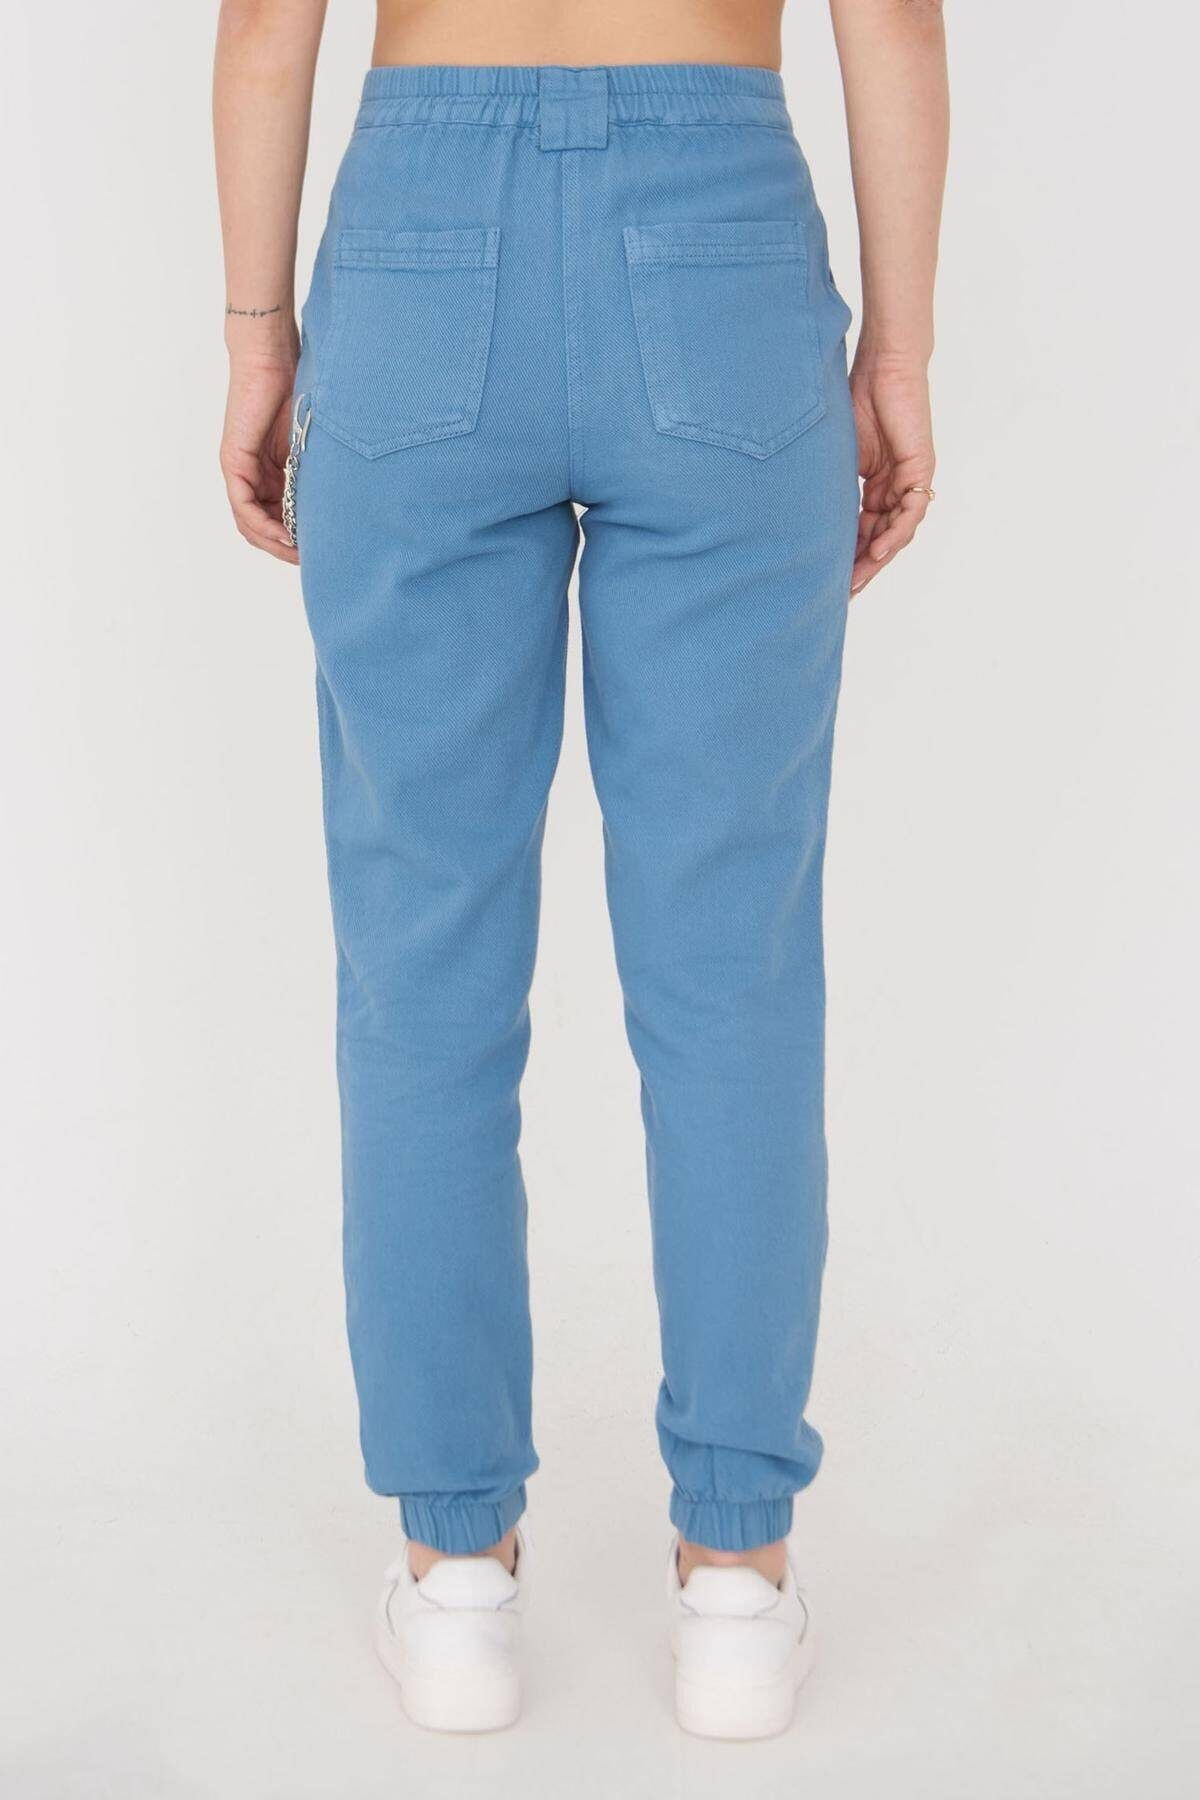 Addax Kadın Mavi Zincir Detaylı Pantolon Pn01-0073 - S11 Adx-0000024102 4